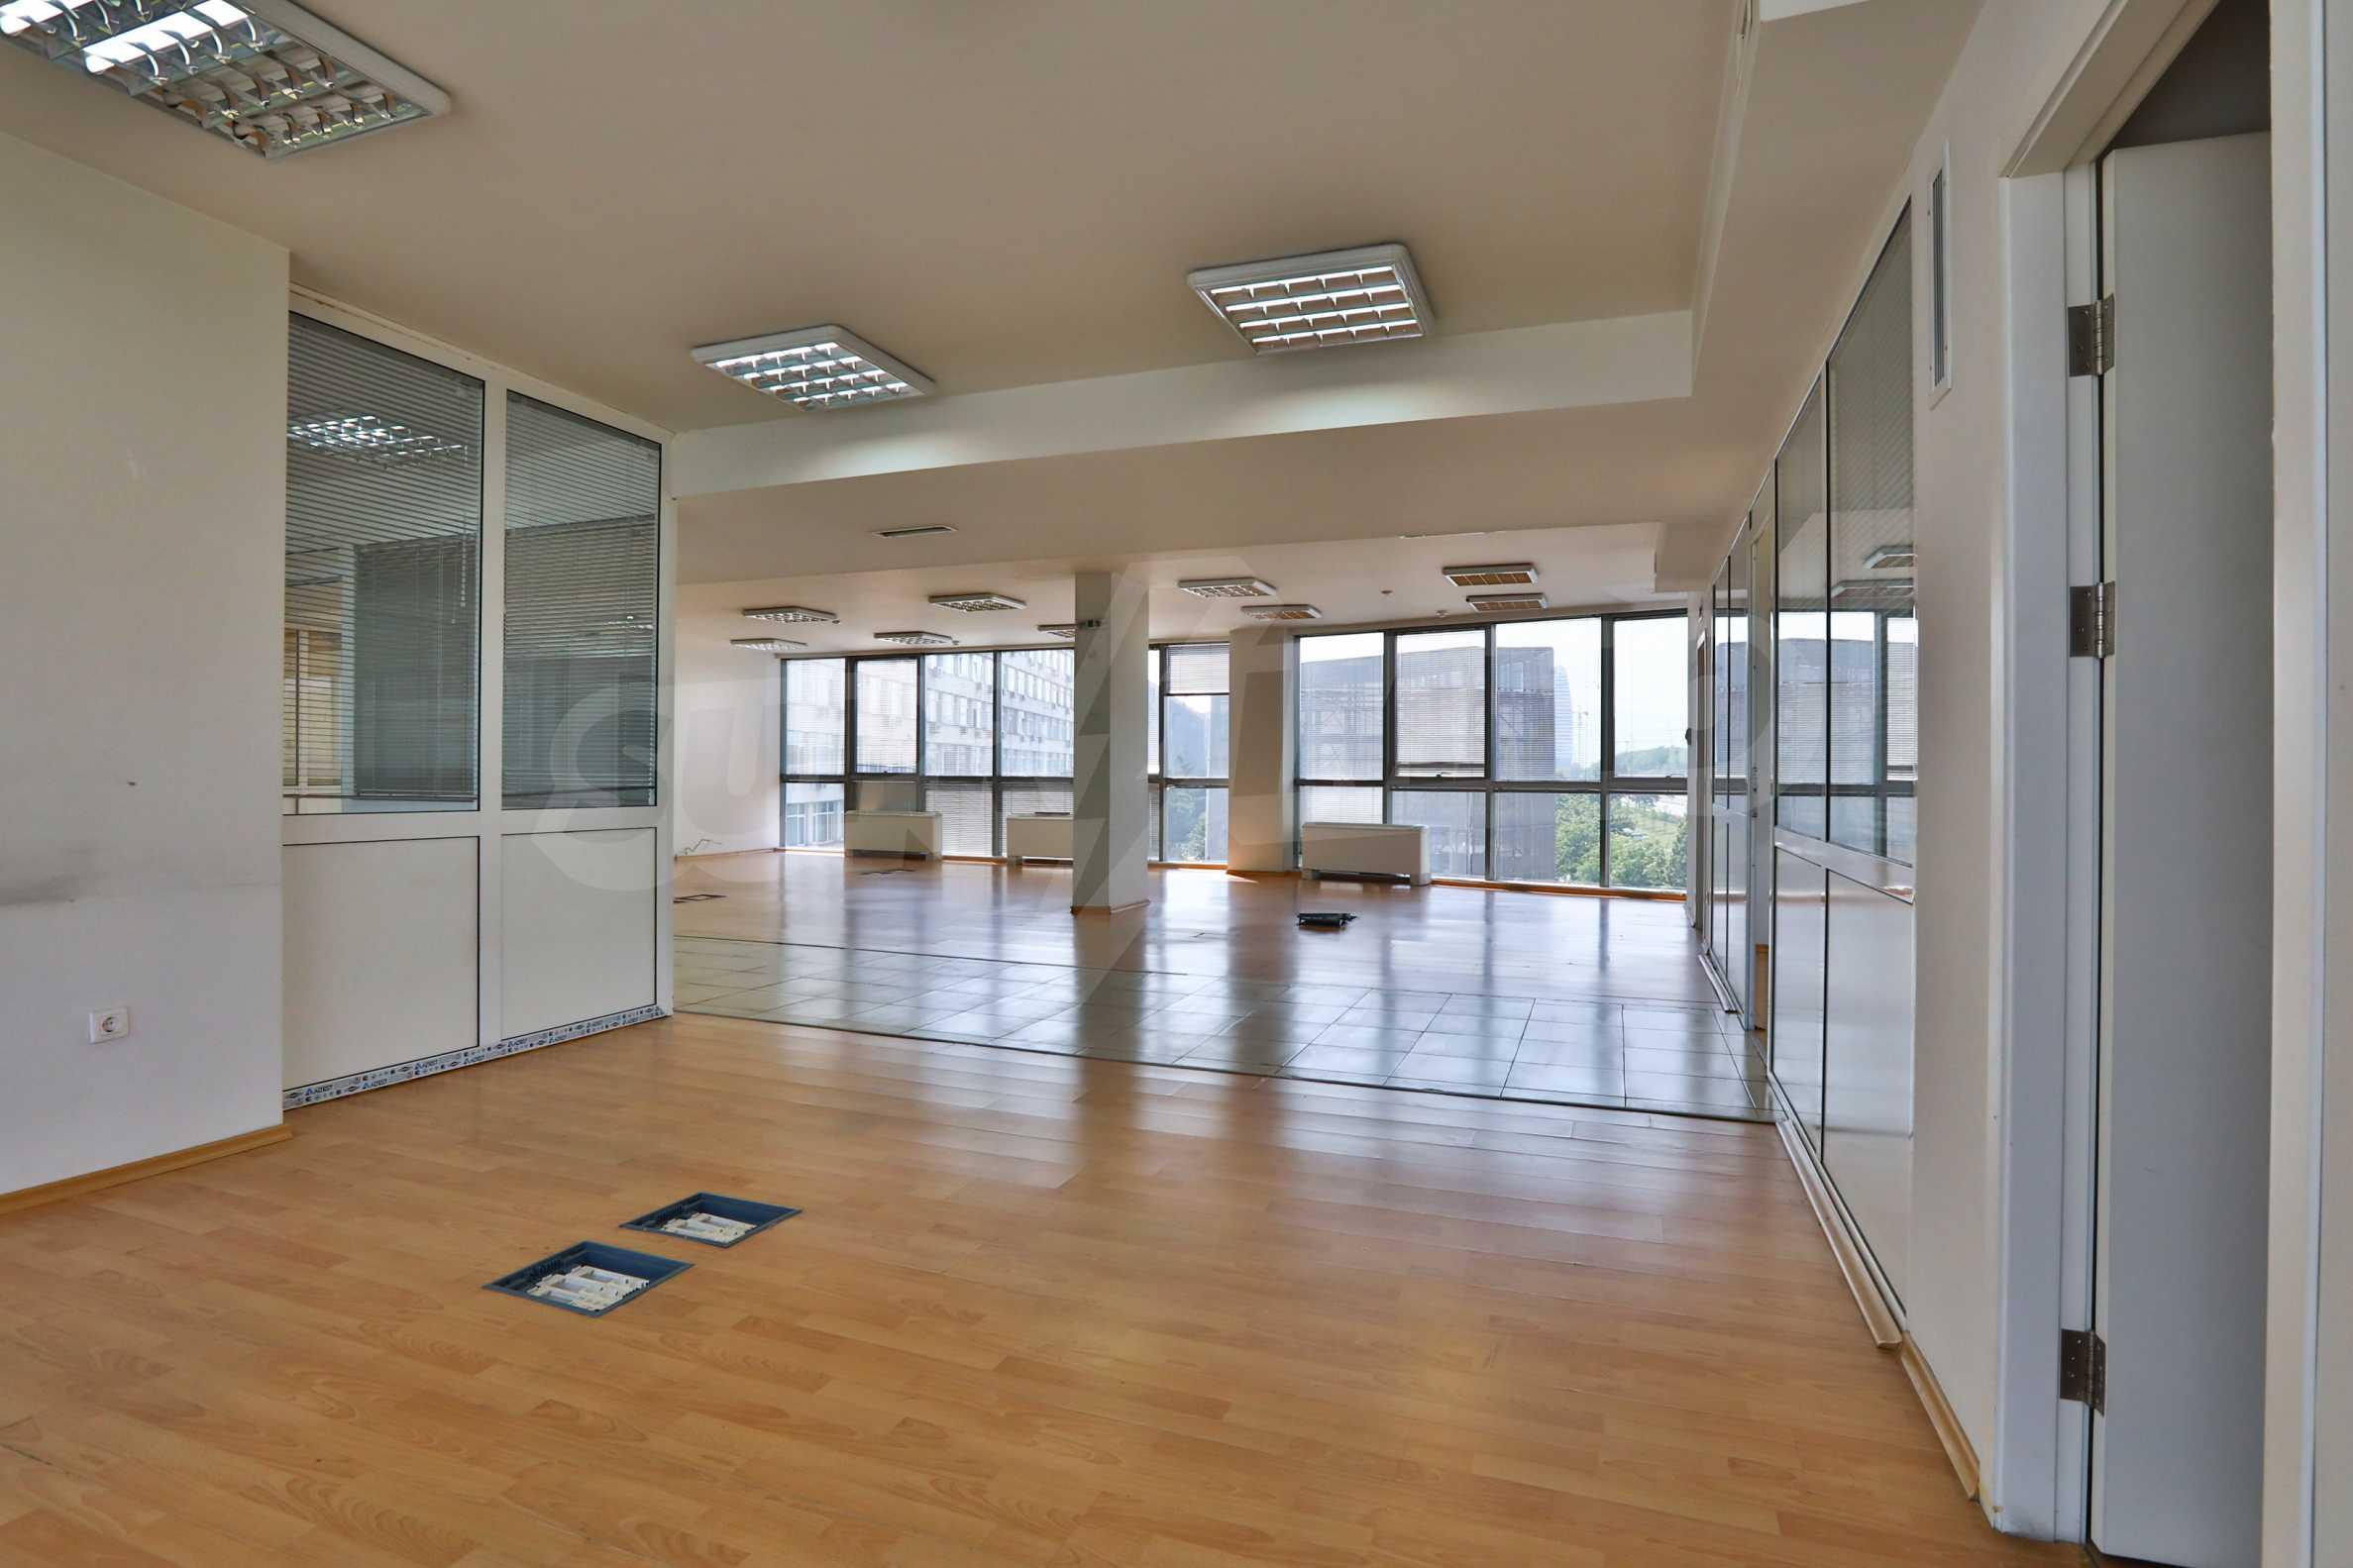 Площи тип open space в офис зоната на бул. Цариградско шосе 24